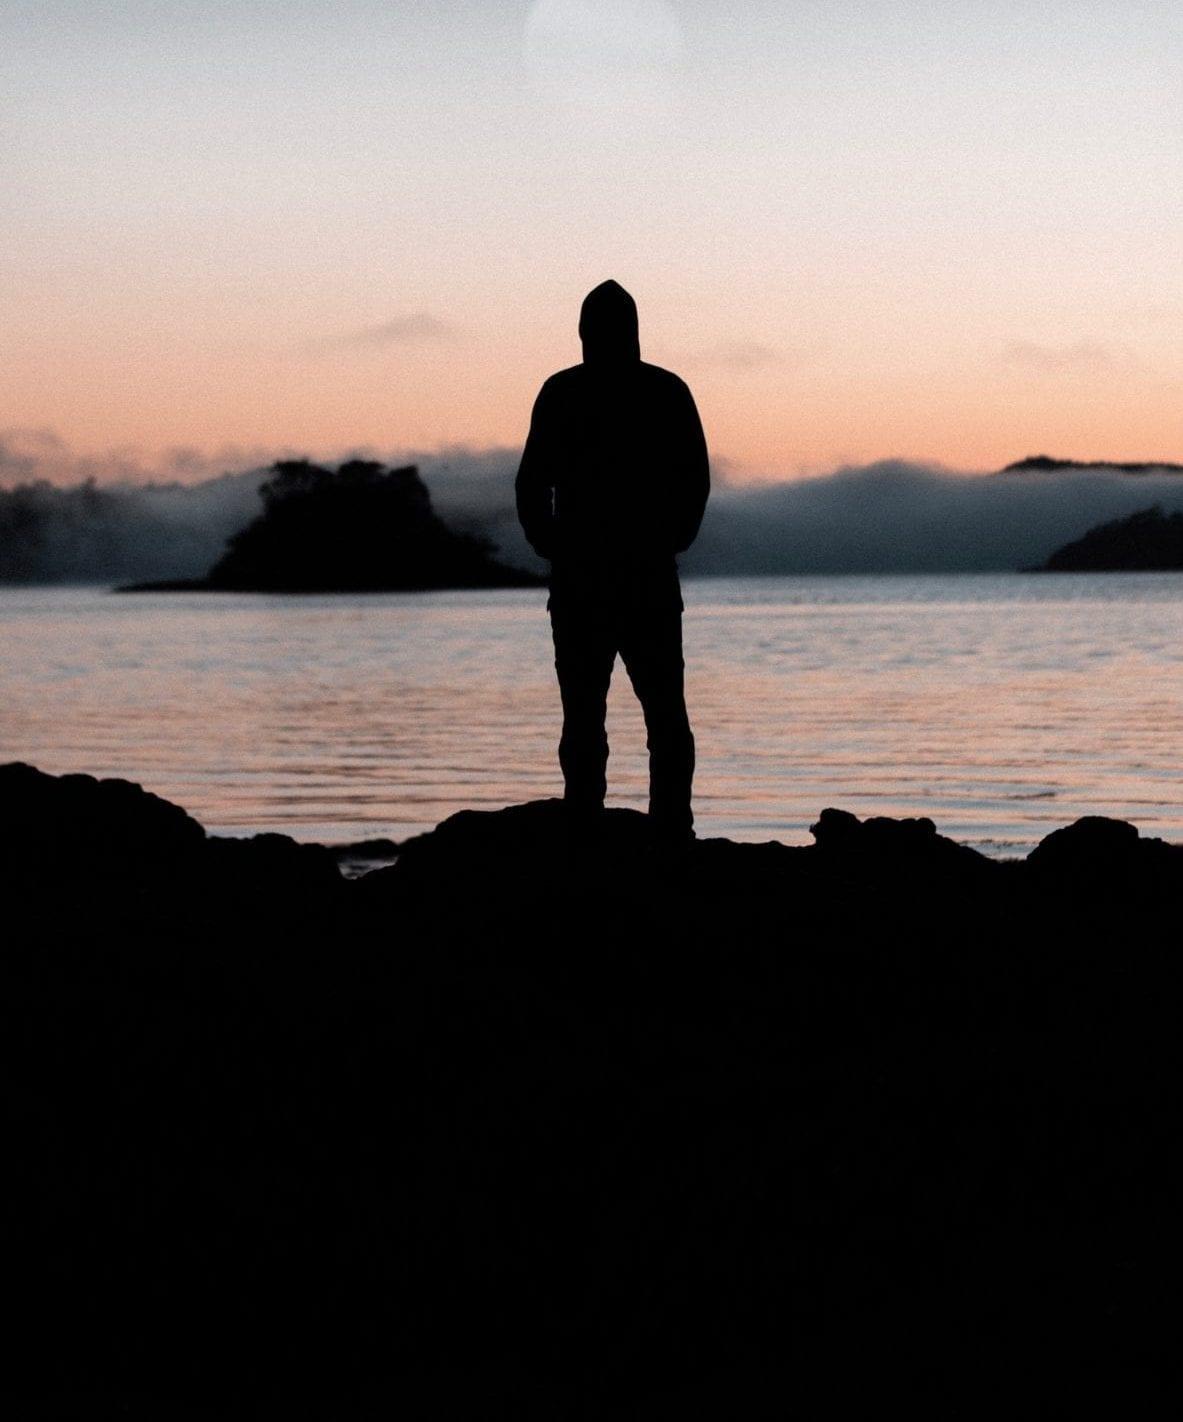 Картинки парня одинокого